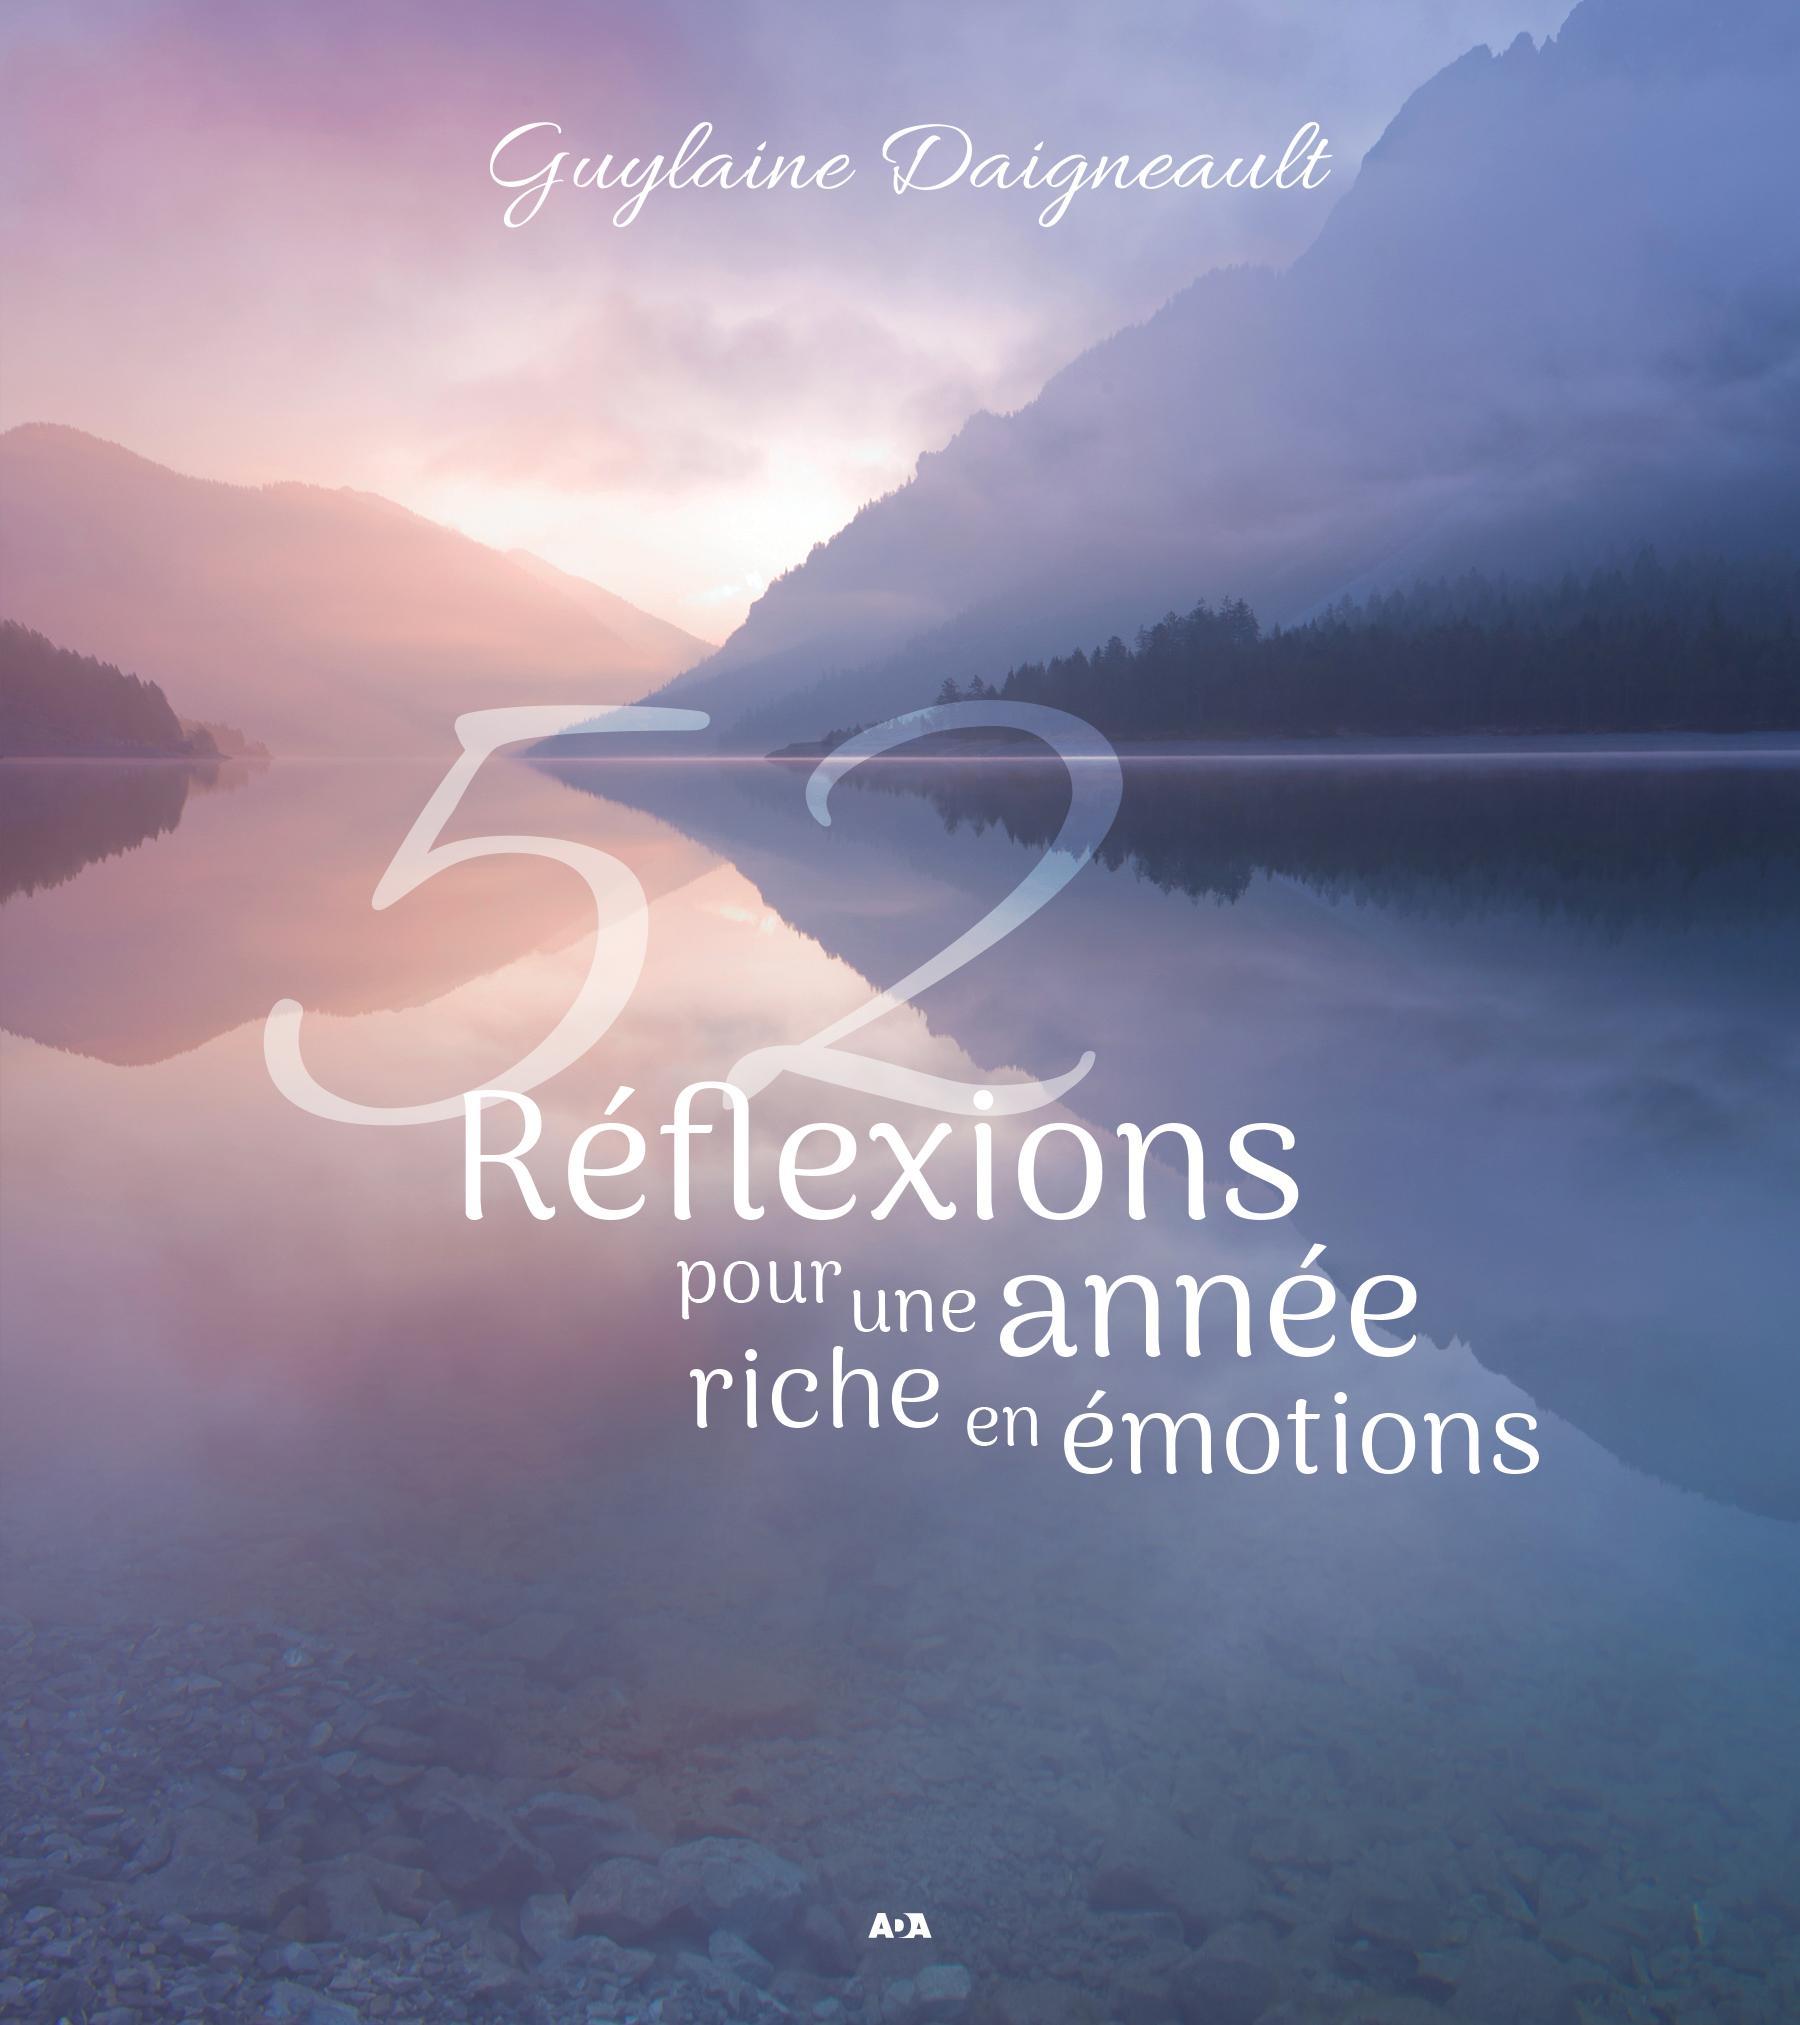 52 Réflexions pour une année riche en émotions